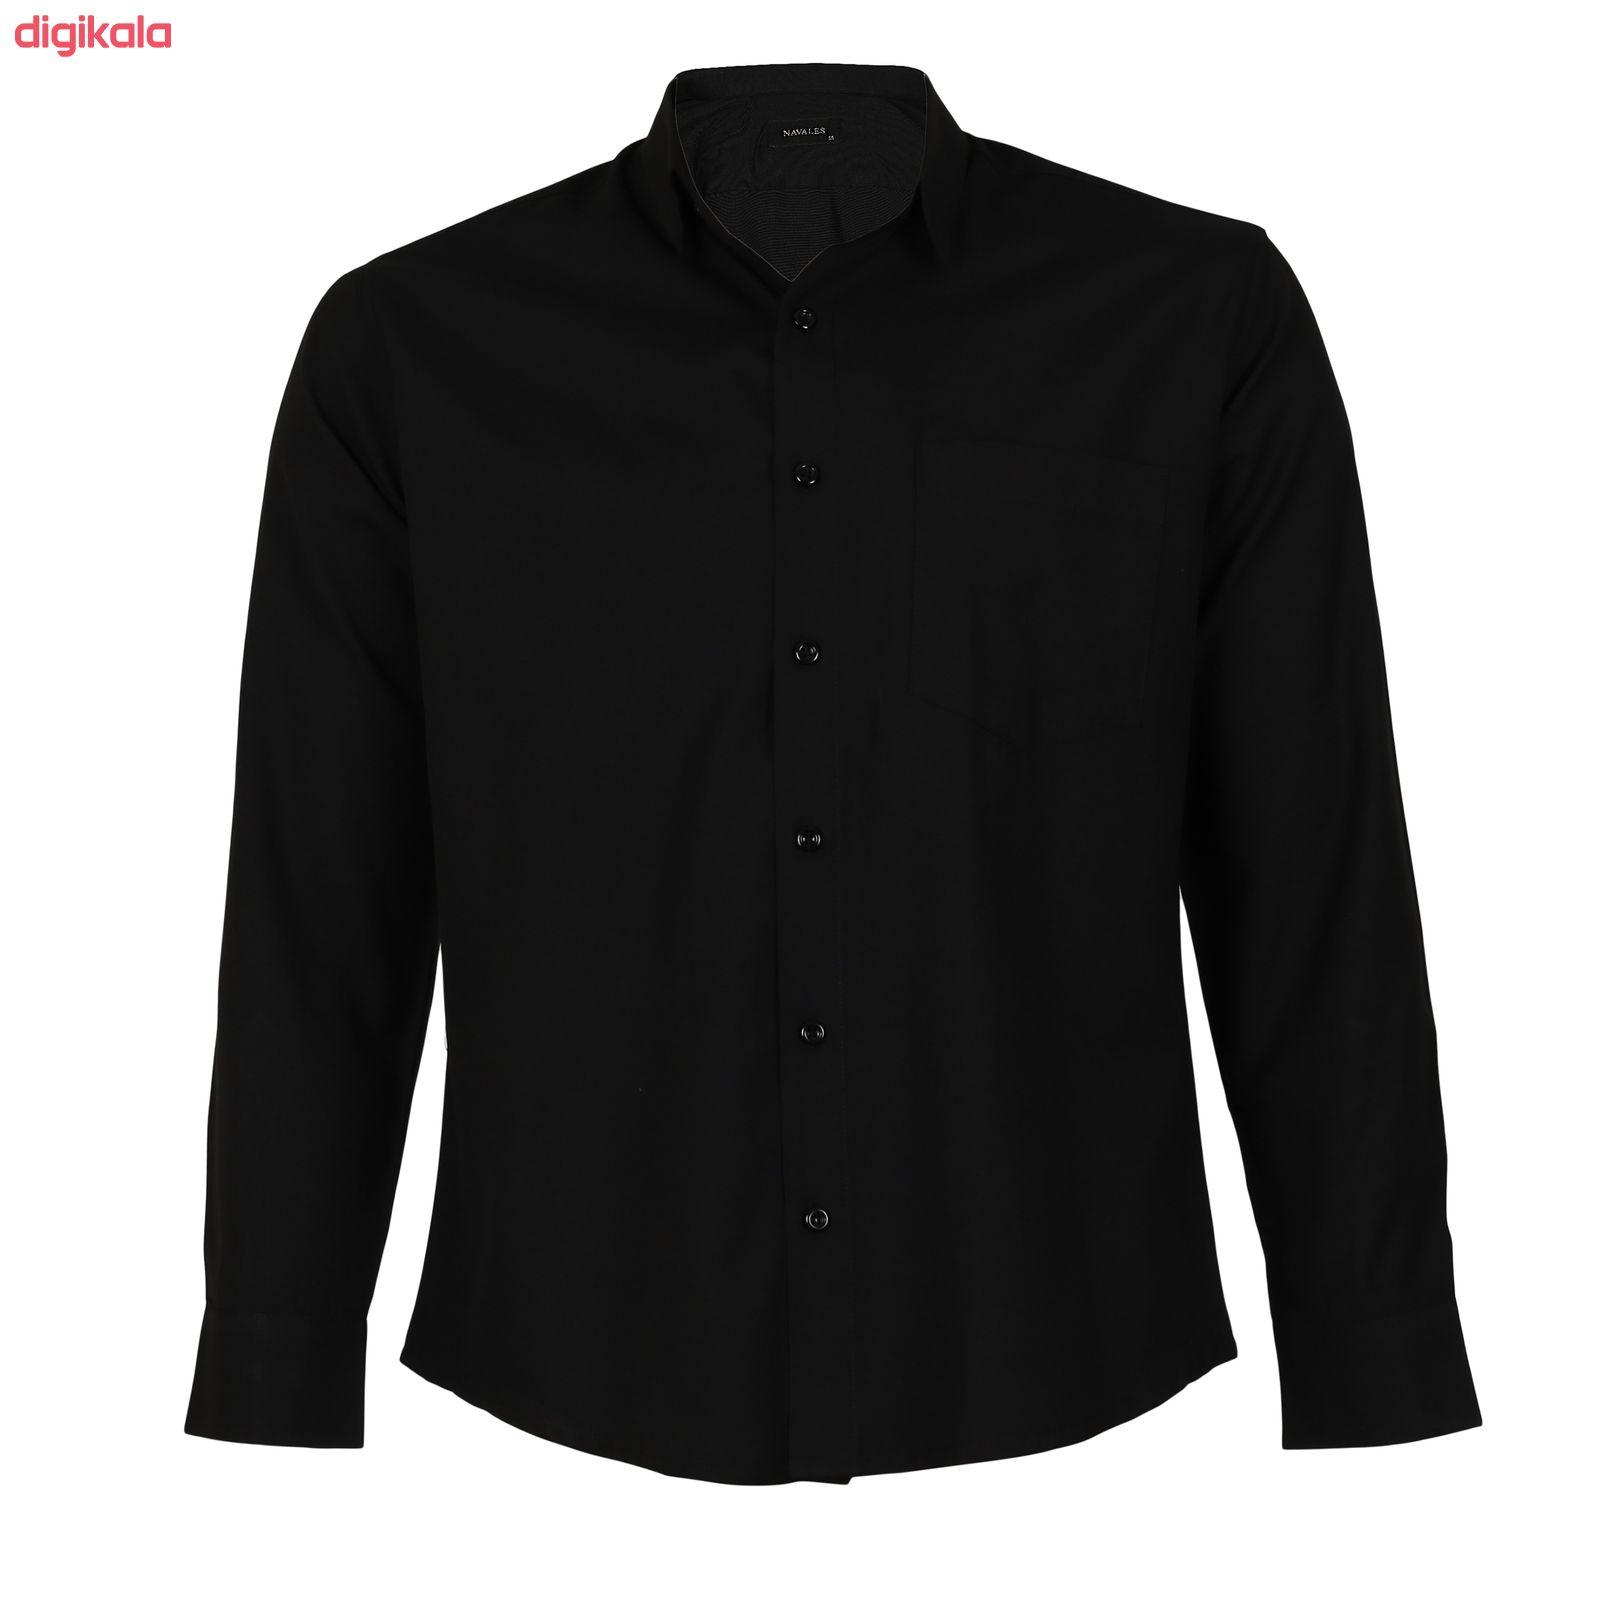 پیراهن آستین بلند مردانه ناوالس مدل NOx8020-BK main 1 3